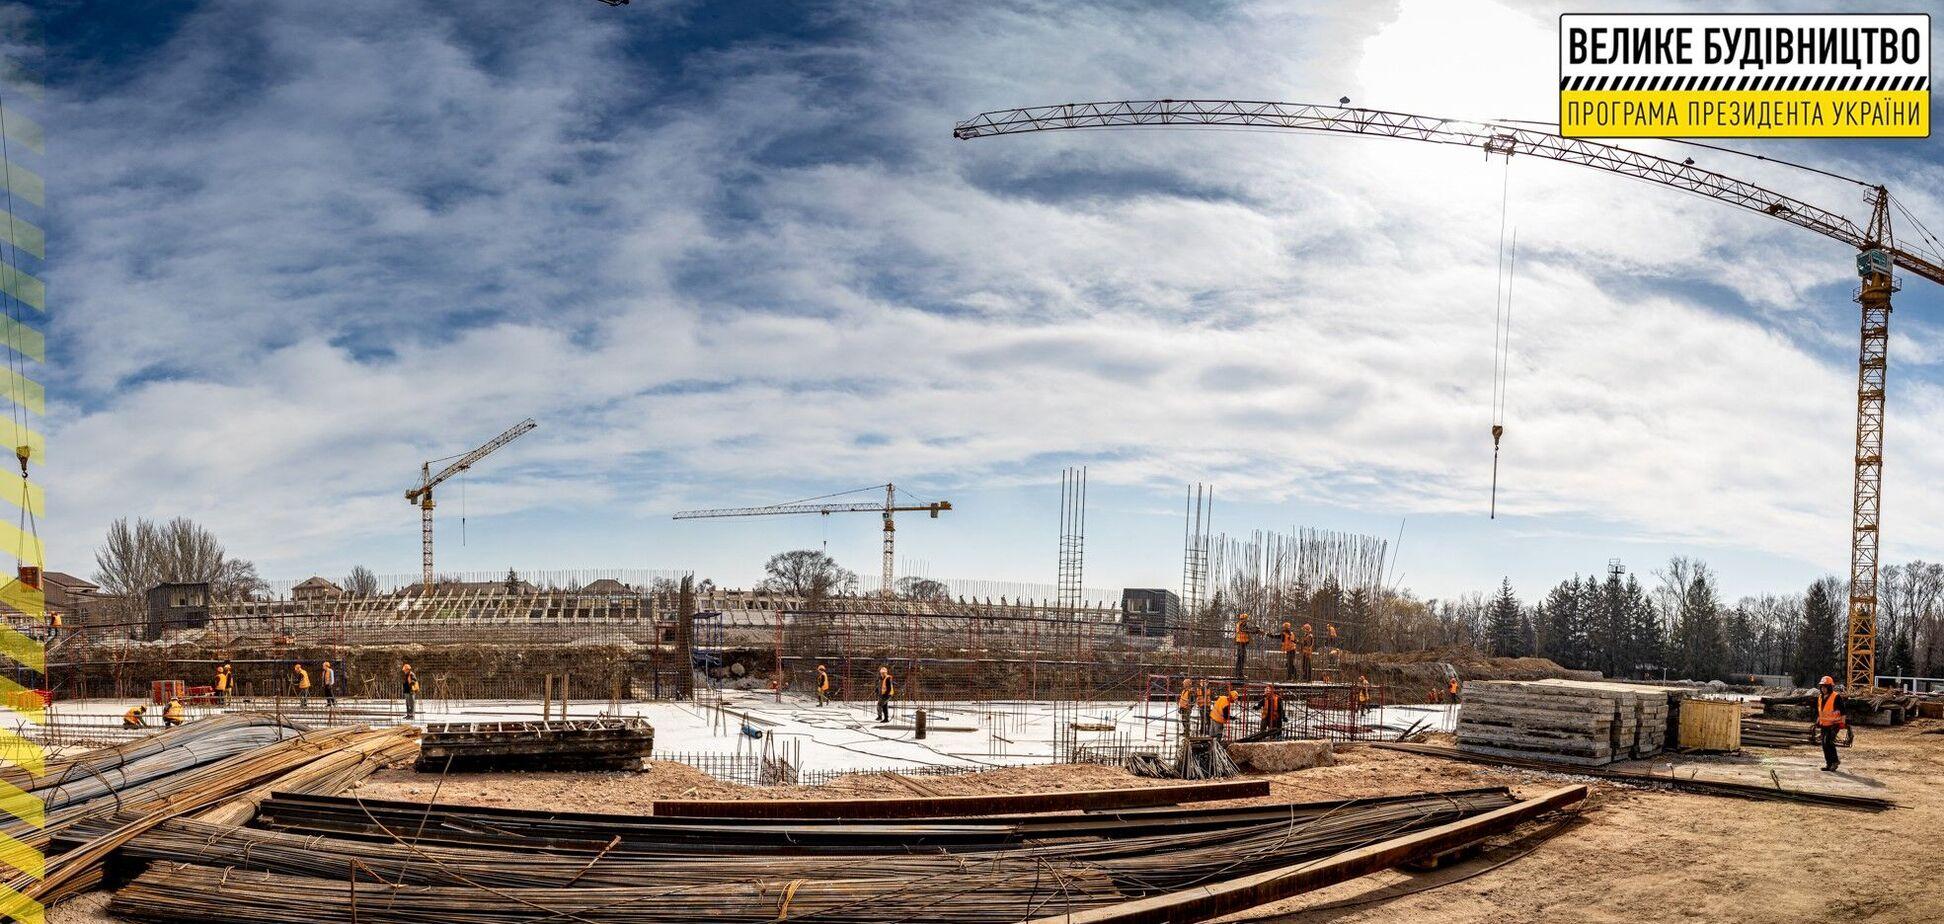 'Большая стройка': стадион 'Металлург' в Кривом Роге после реконструкции сможет принимать матчи еврокубков – ОГА